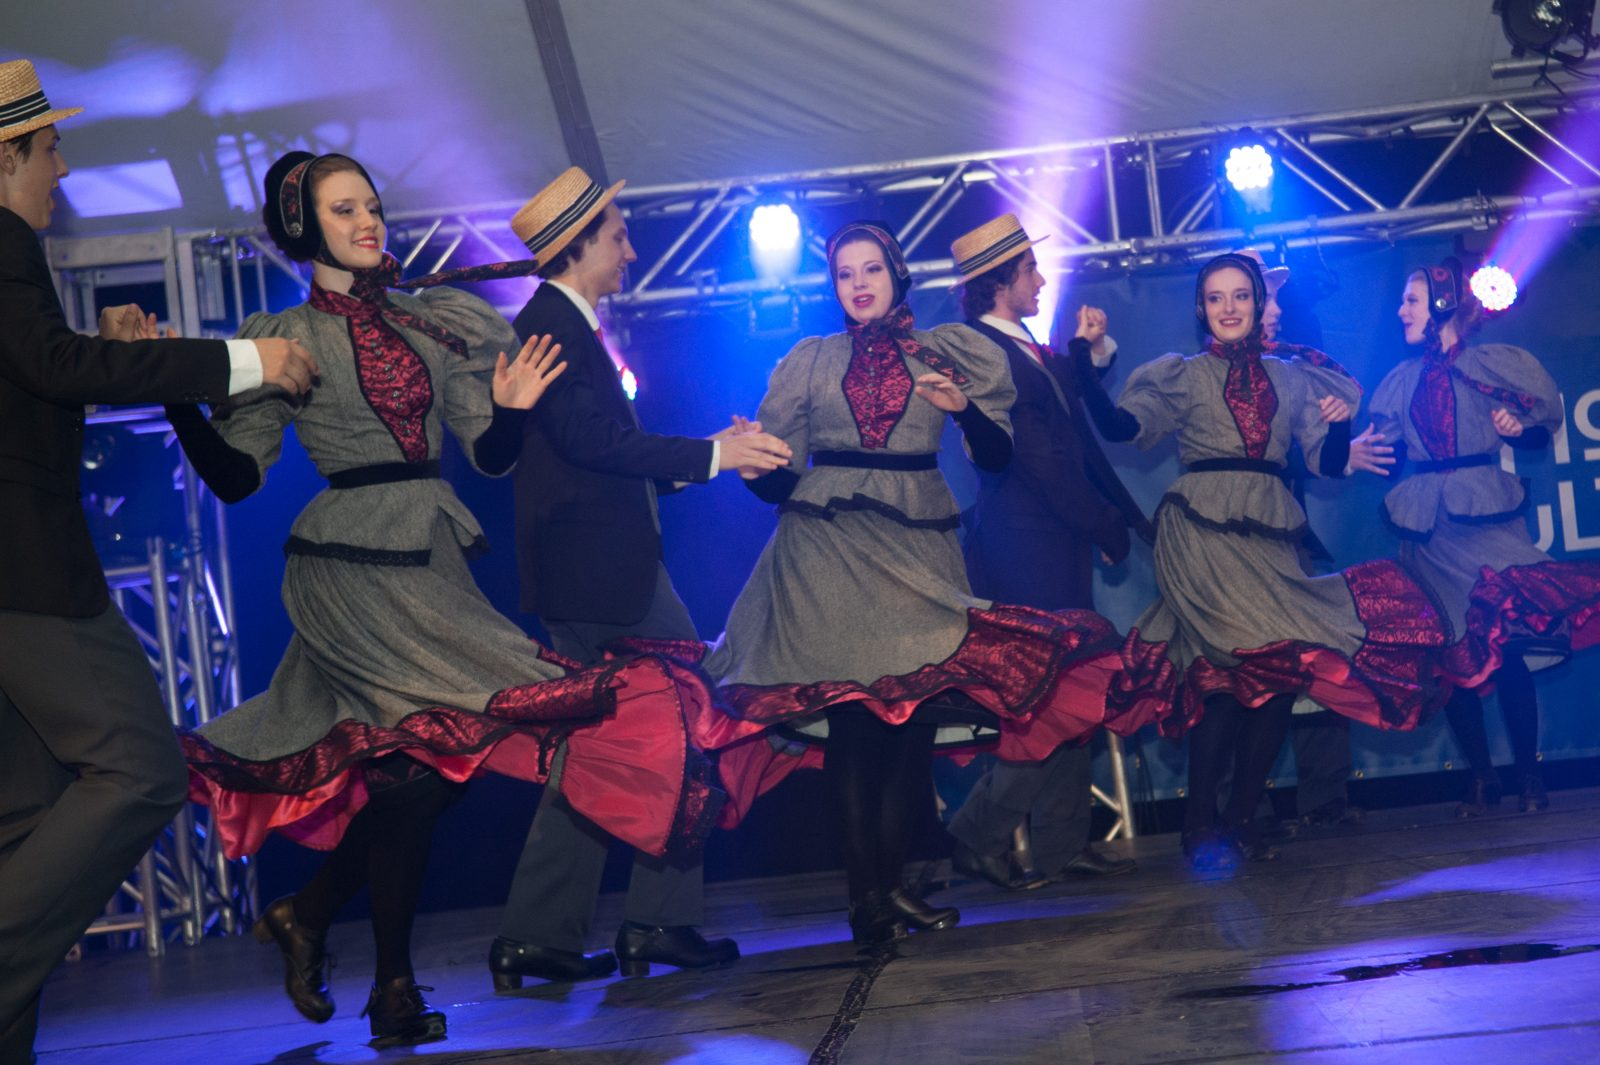 La troupe de danse Mackinaw en mode recrutement